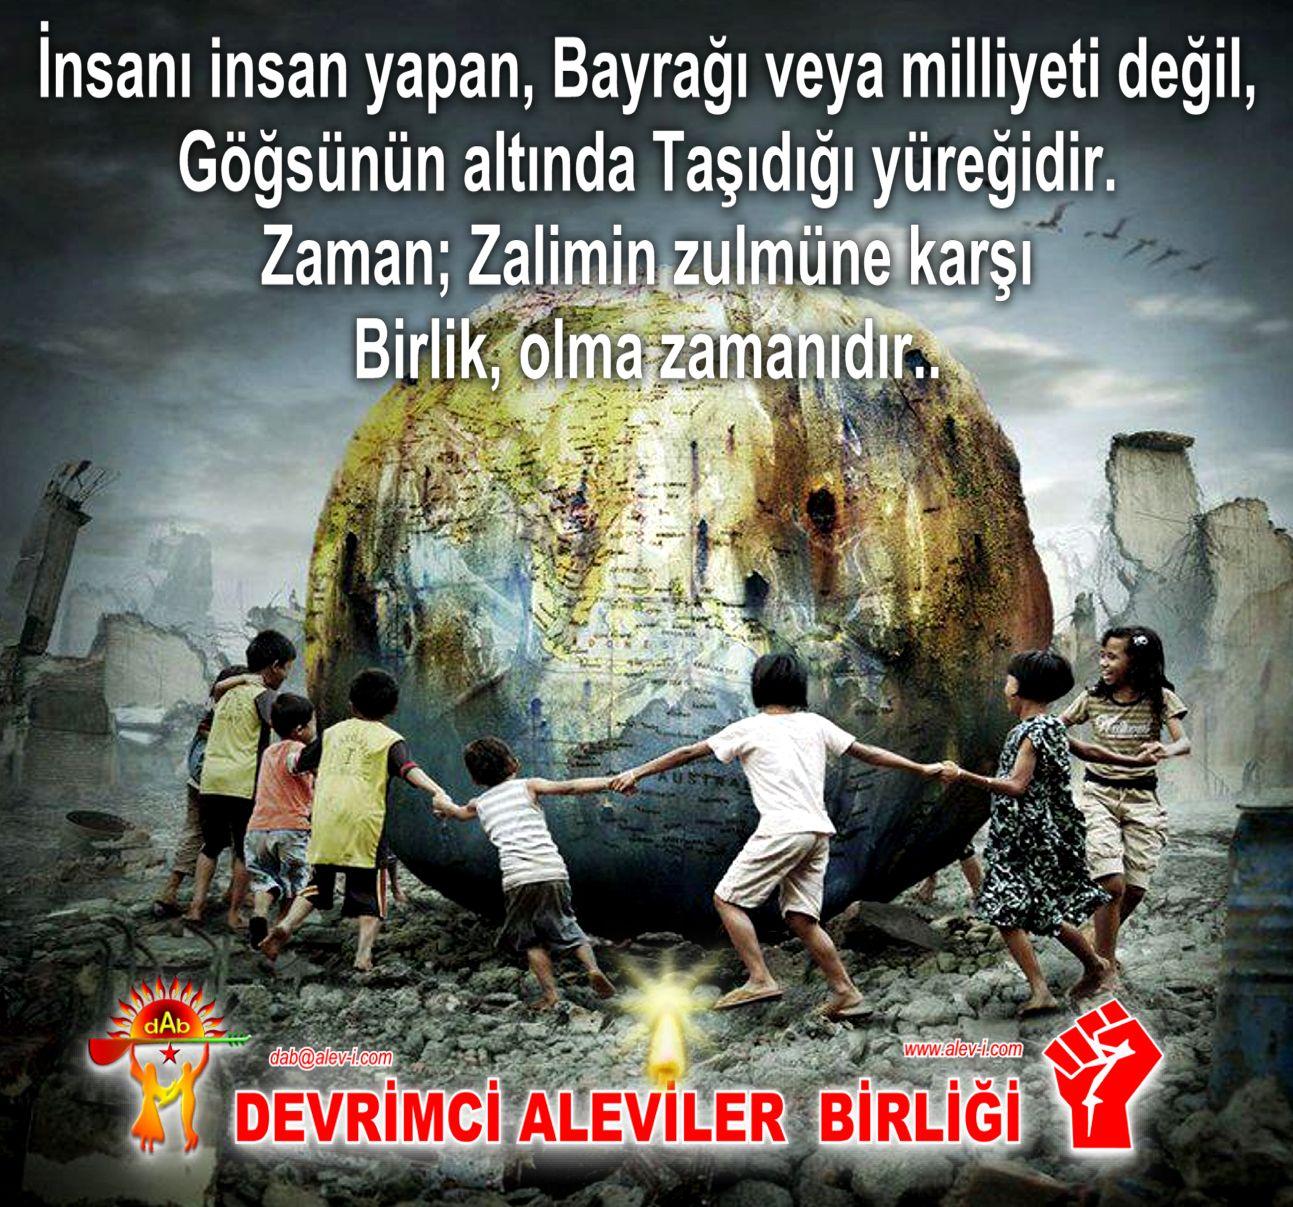 Devrimci Aleviler Birliği DAB Alevi Kızılbaş Bektaşi pir sultan cem hz Ali 12 imam semah Feramuz Şah Acar ty bayrak millet